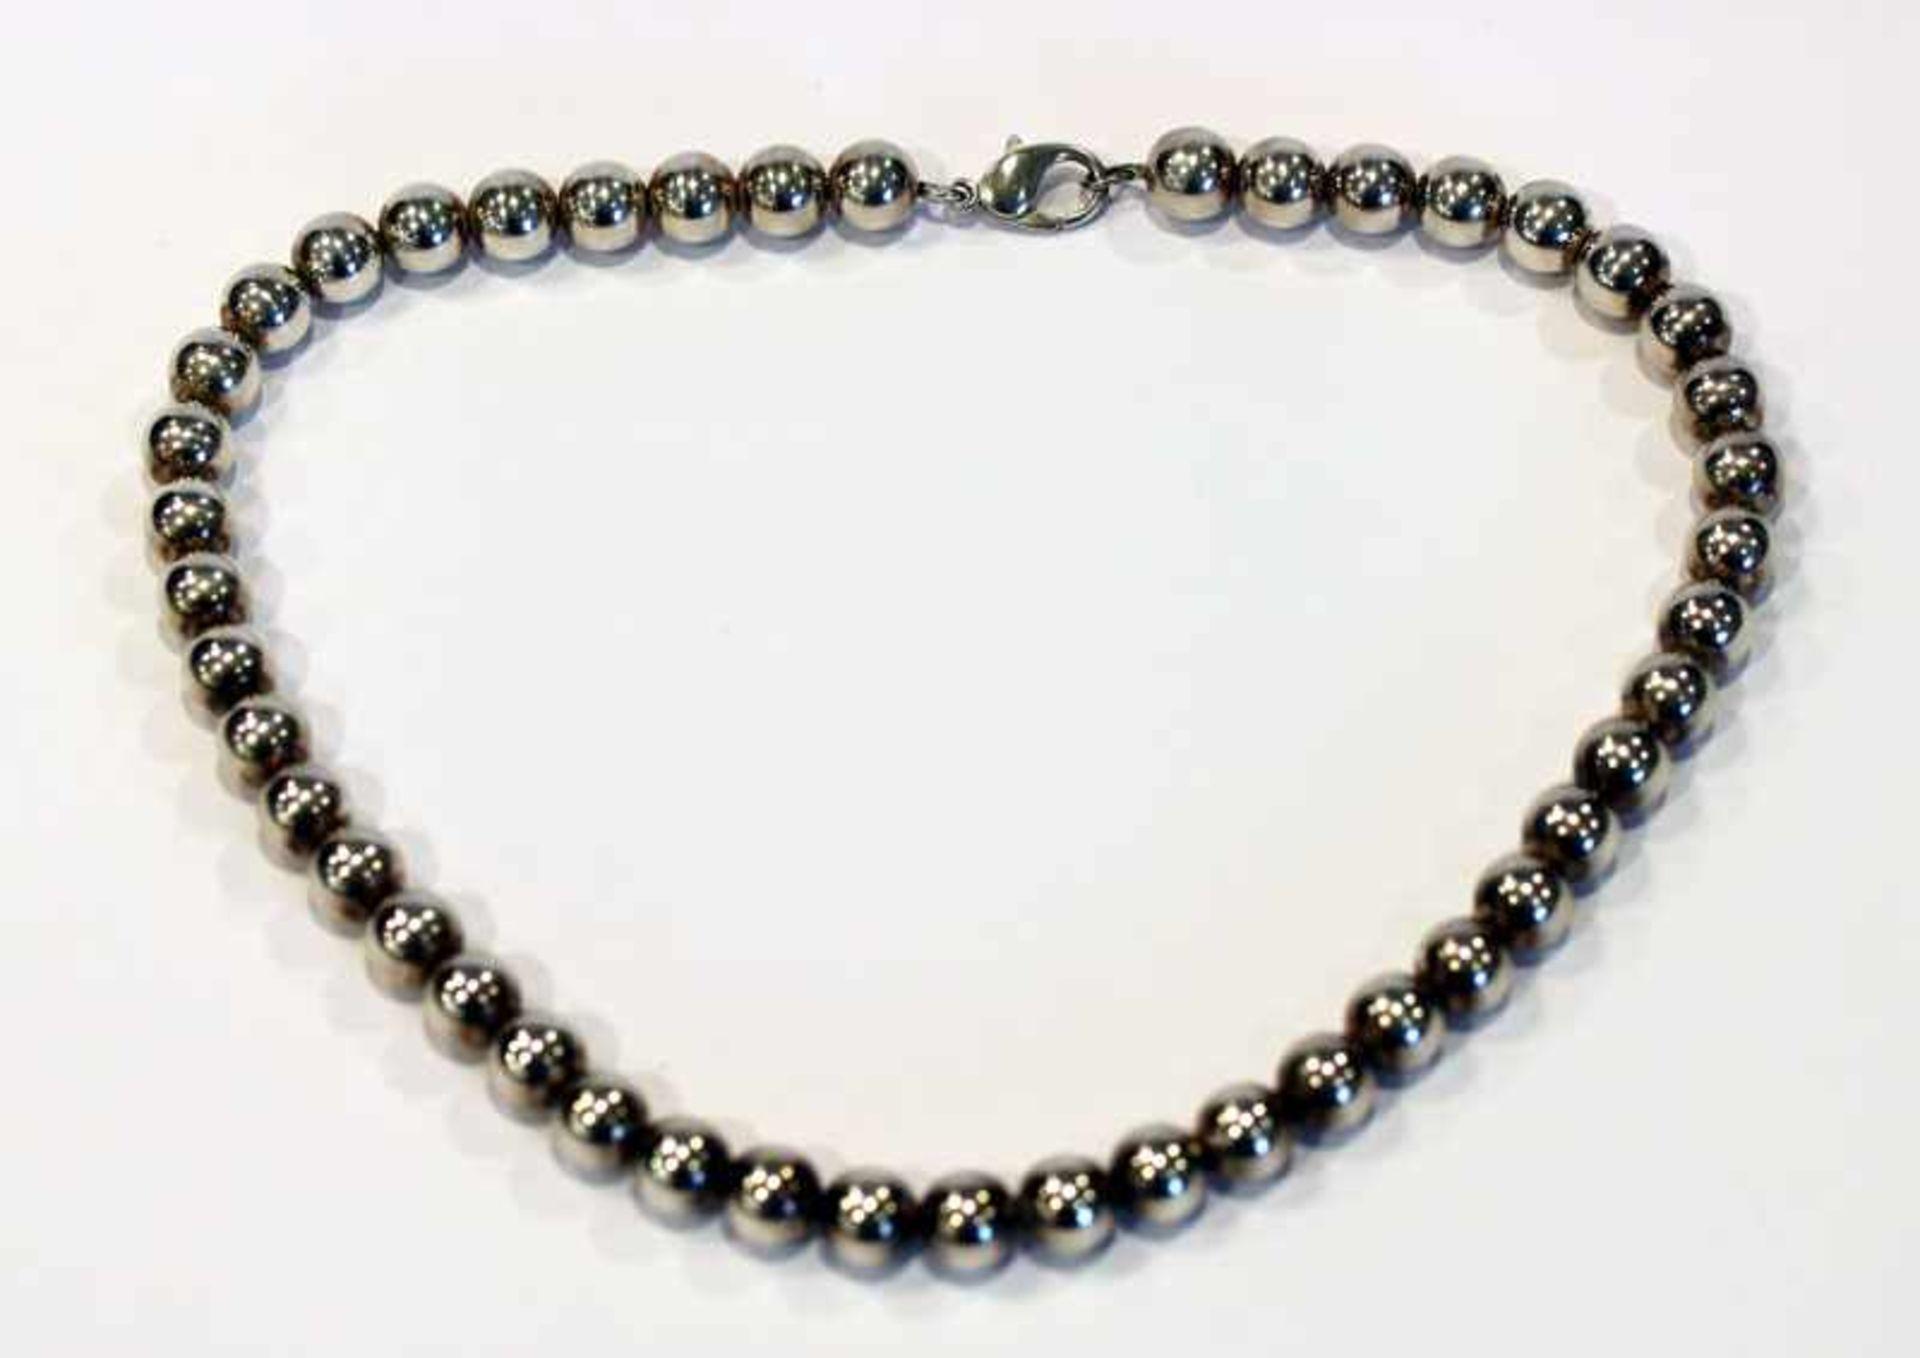 Los 20 - Silber Kugelkette, 800 Silber, 62 gr., L 42 cm